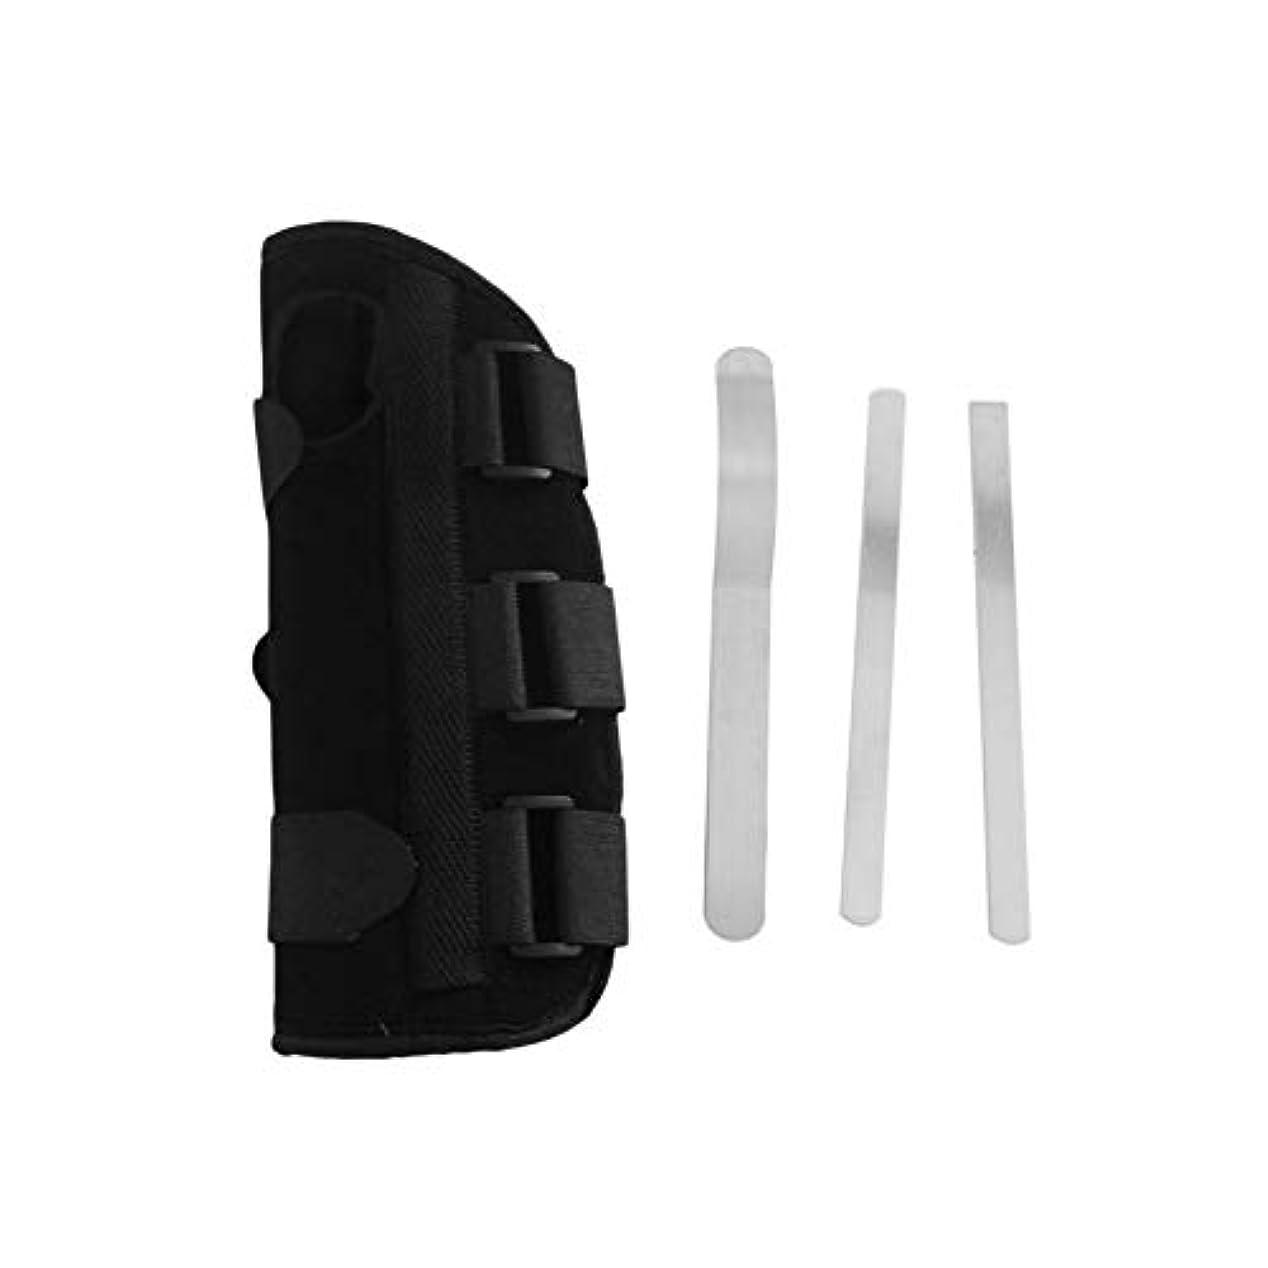 同種の戸口パット手首副木ブレース保護サポートストラップカルペルトンネルCTS RSI痛み軽減取り外し可能な副木快適な軽量ストラップ - ブラックS